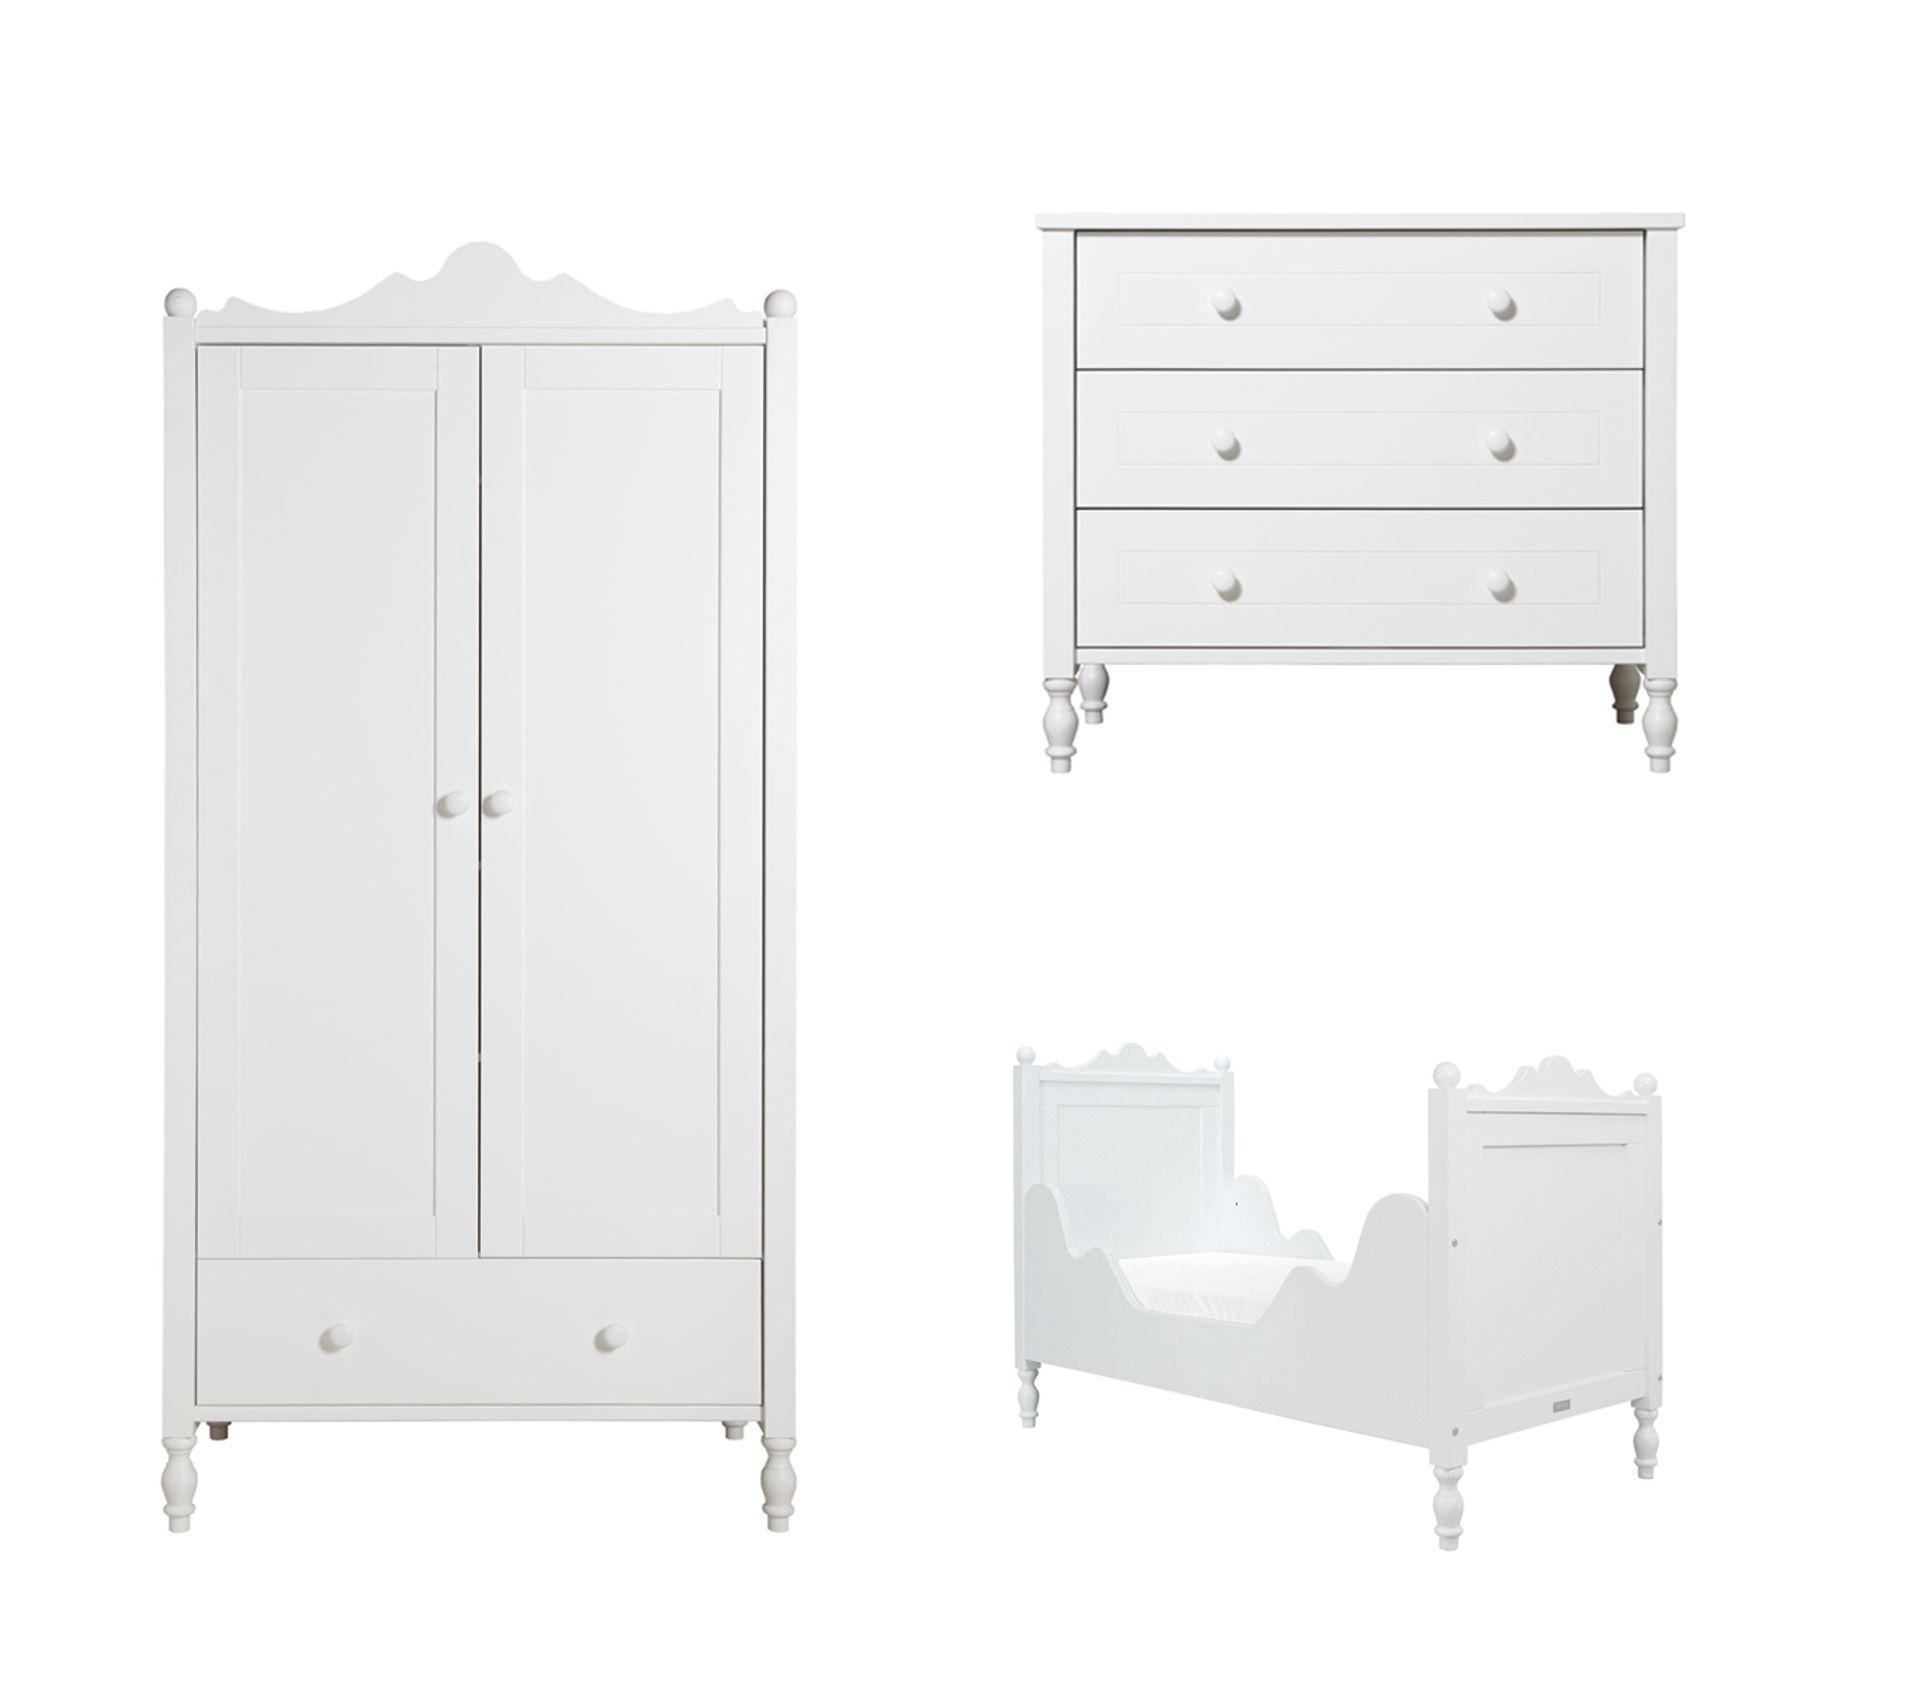 Commode A Langer Angle chambre complète lit Évolutif 70x140 - commode À langer - armoire 2 portes  bopita belle - blanc